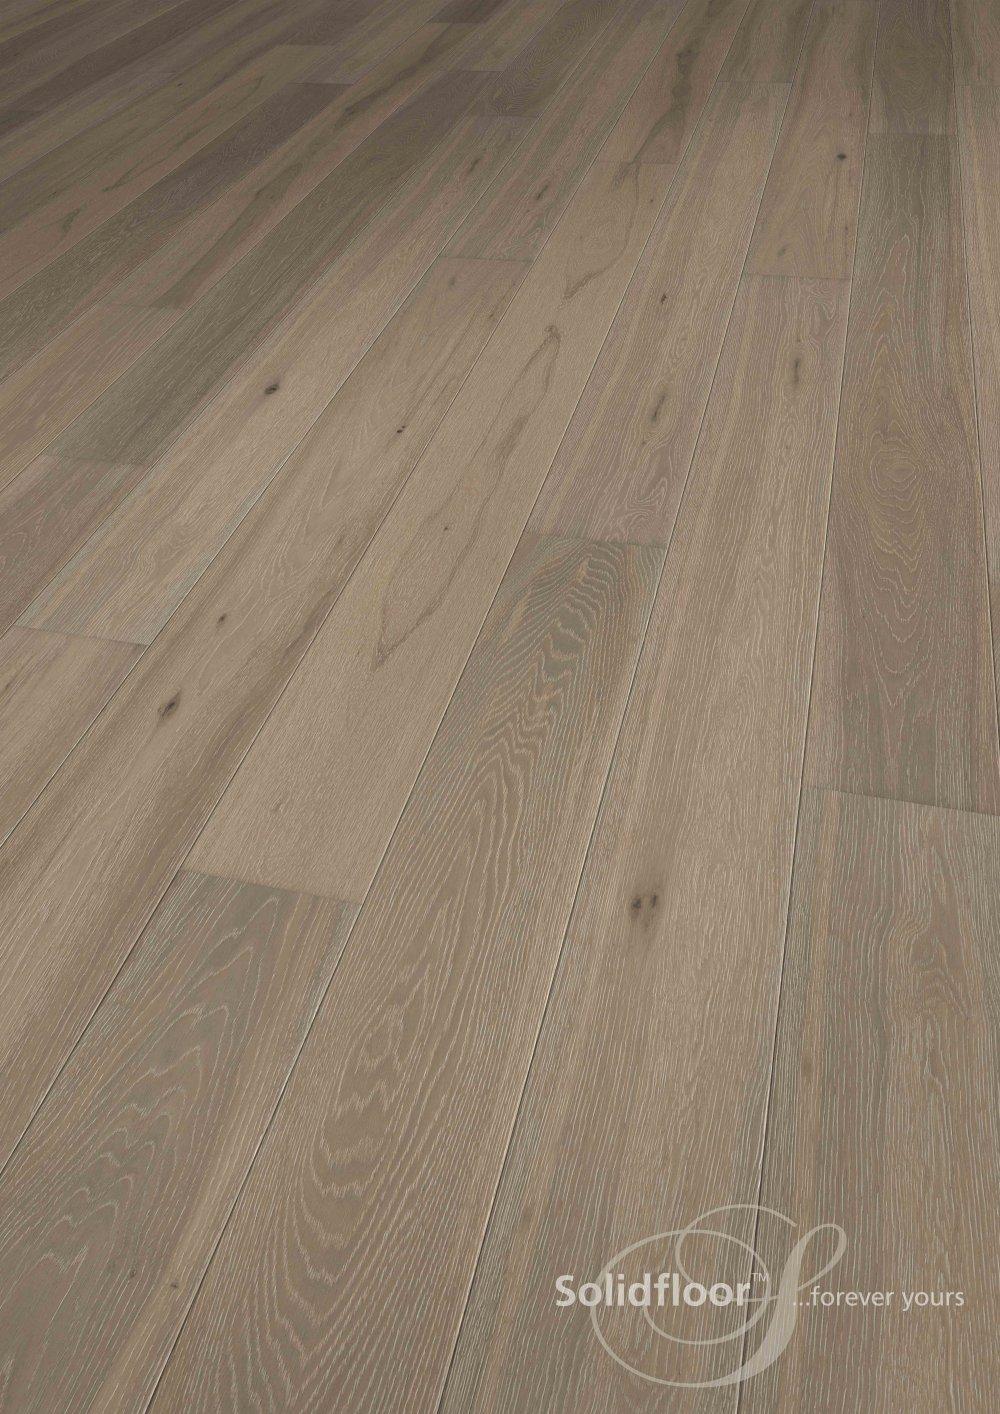 1182184 solidfloor parkett eiche normandie landhausdiele natur geb rstet gefast weiss matt lackiert. Black Bedroom Furniture Sets. Home Design Ideas